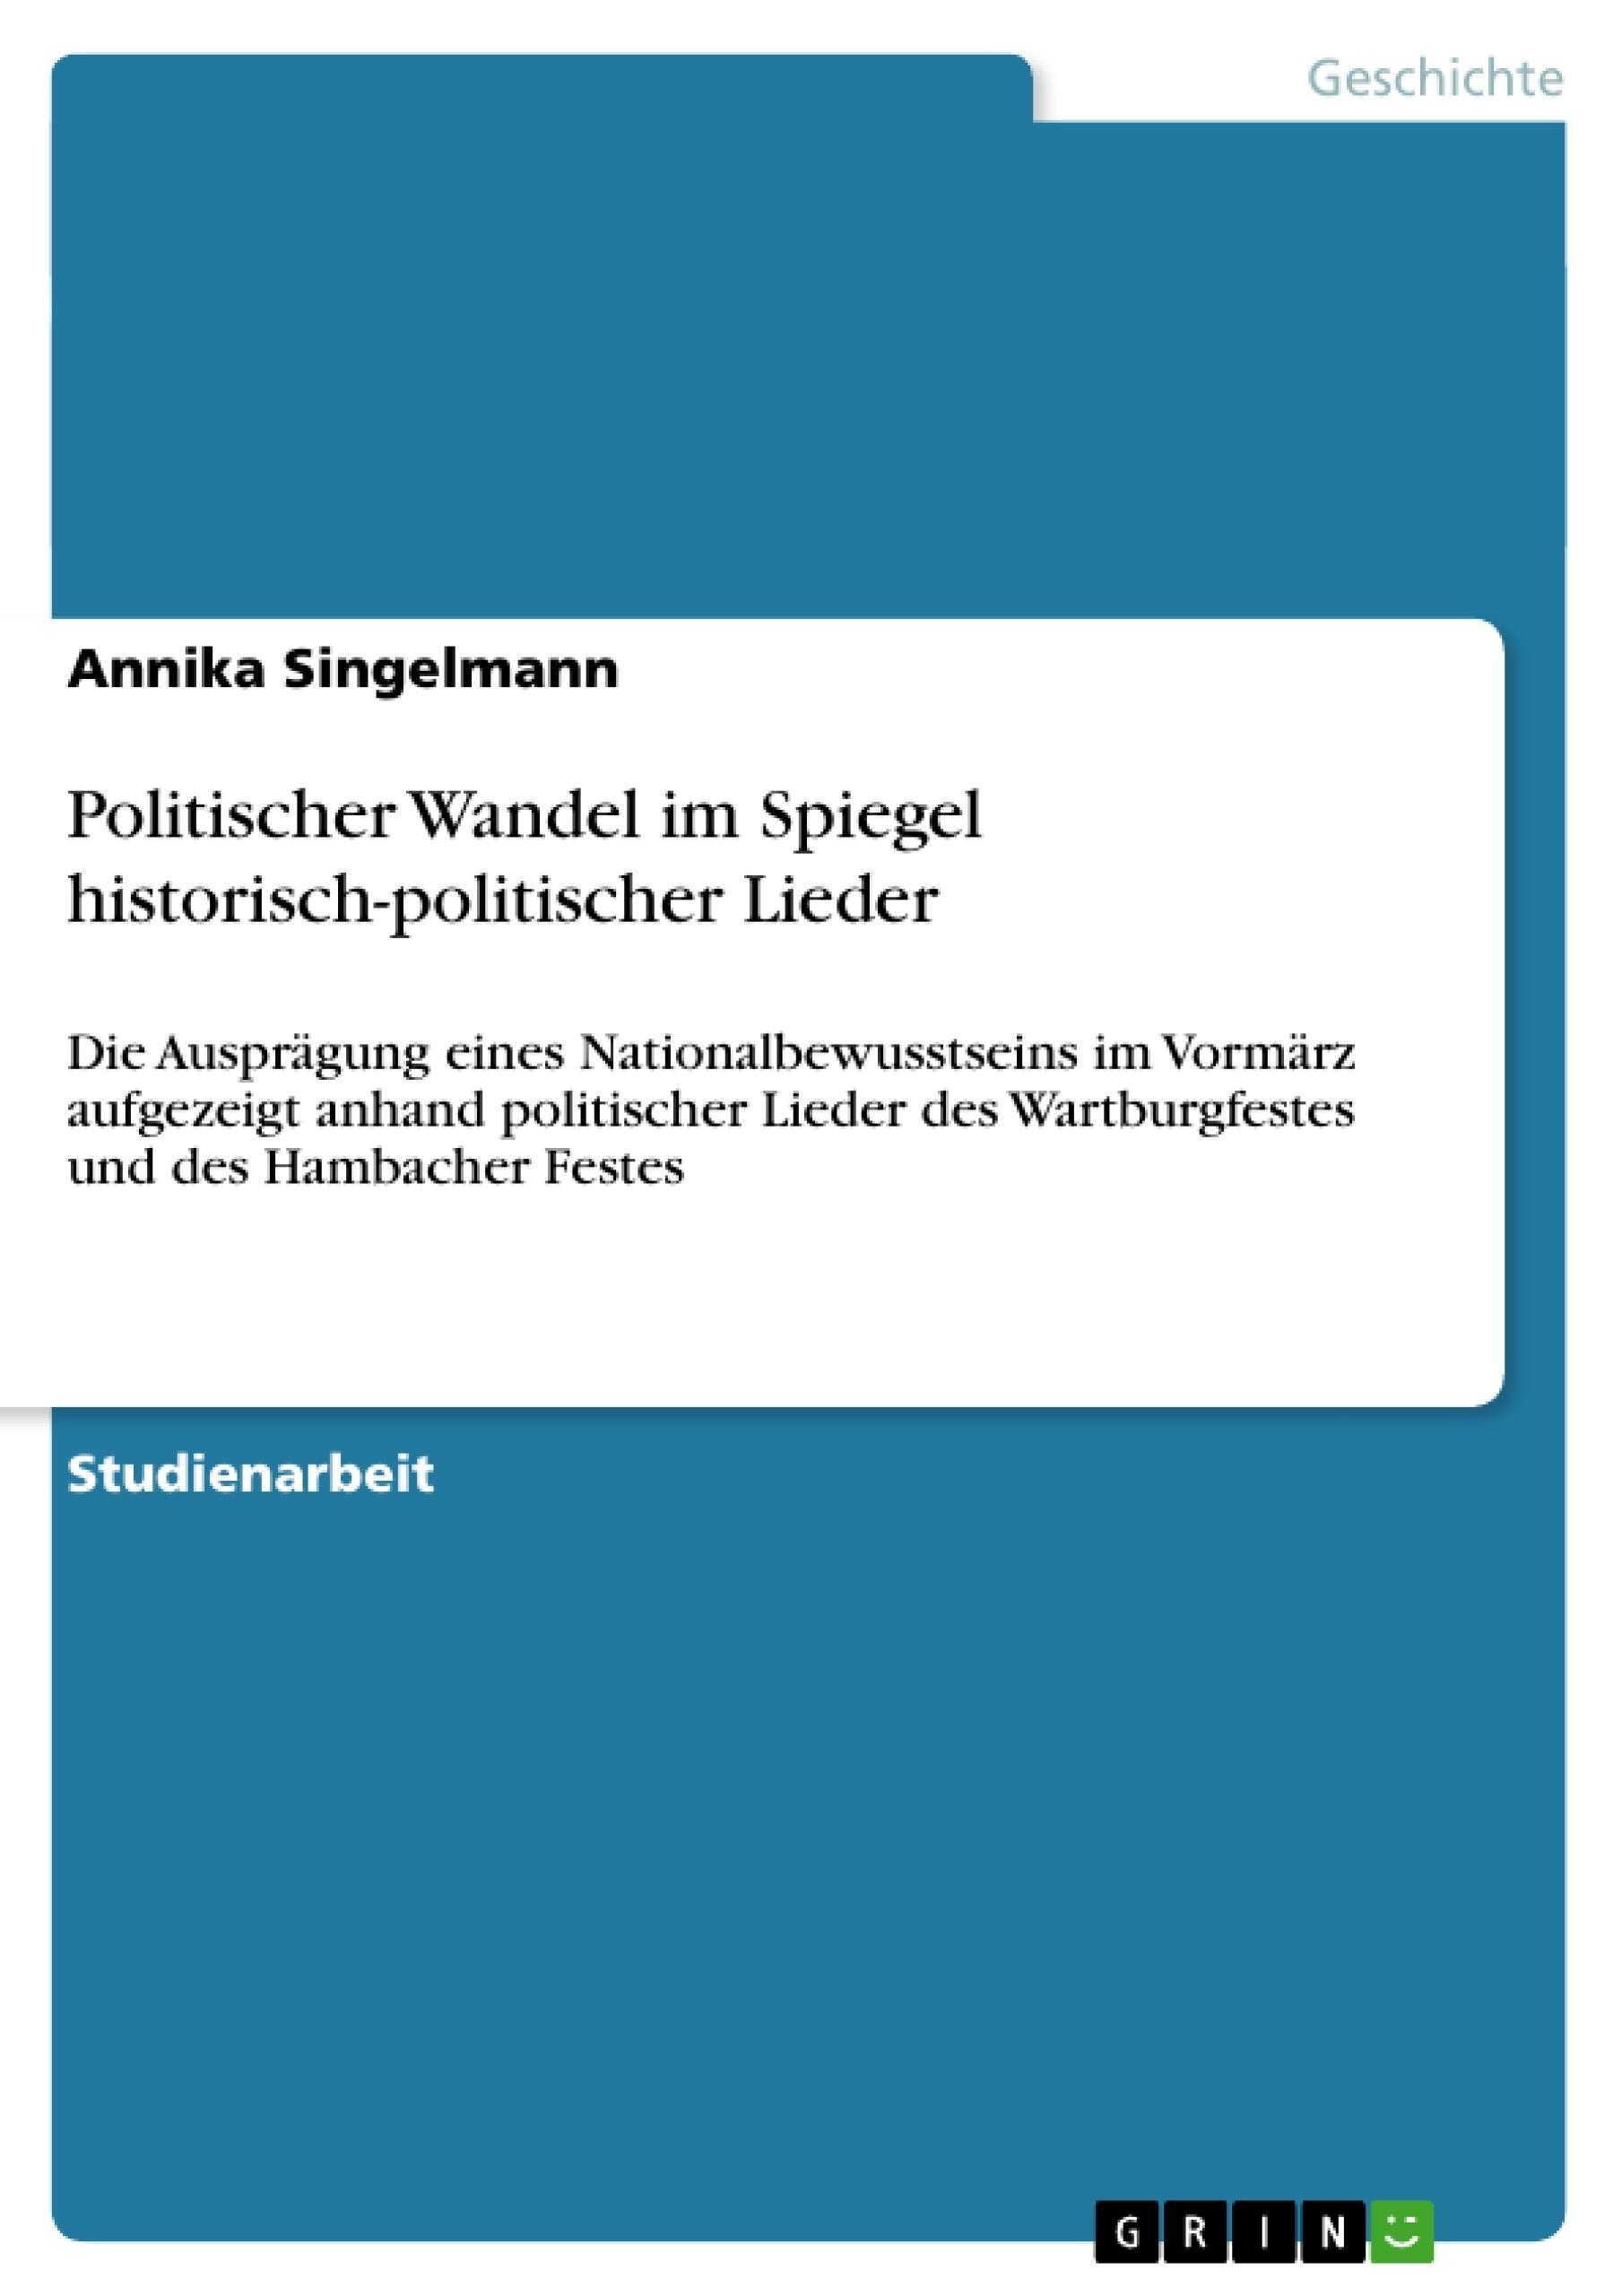 Titel: Politischer Wandel im Spiegel historisch-politischer Lieder